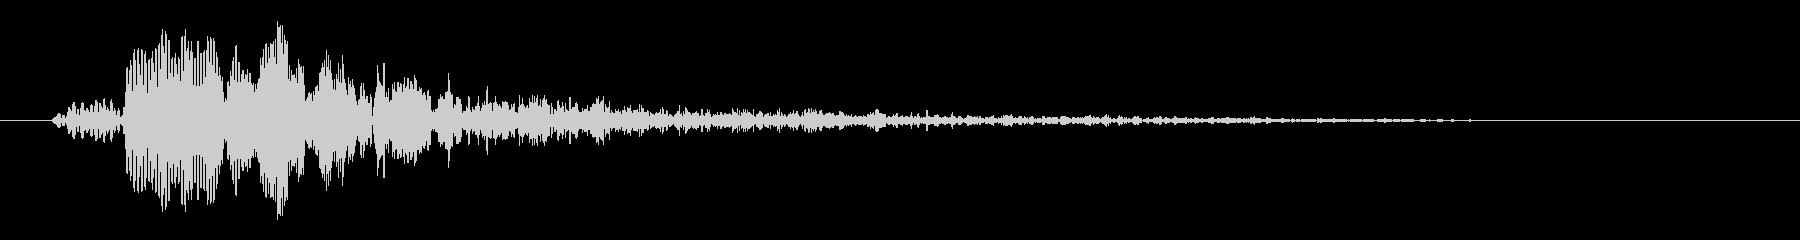 ピョン(ゲームのジャンプ音や決定音向け)の未再生の波形